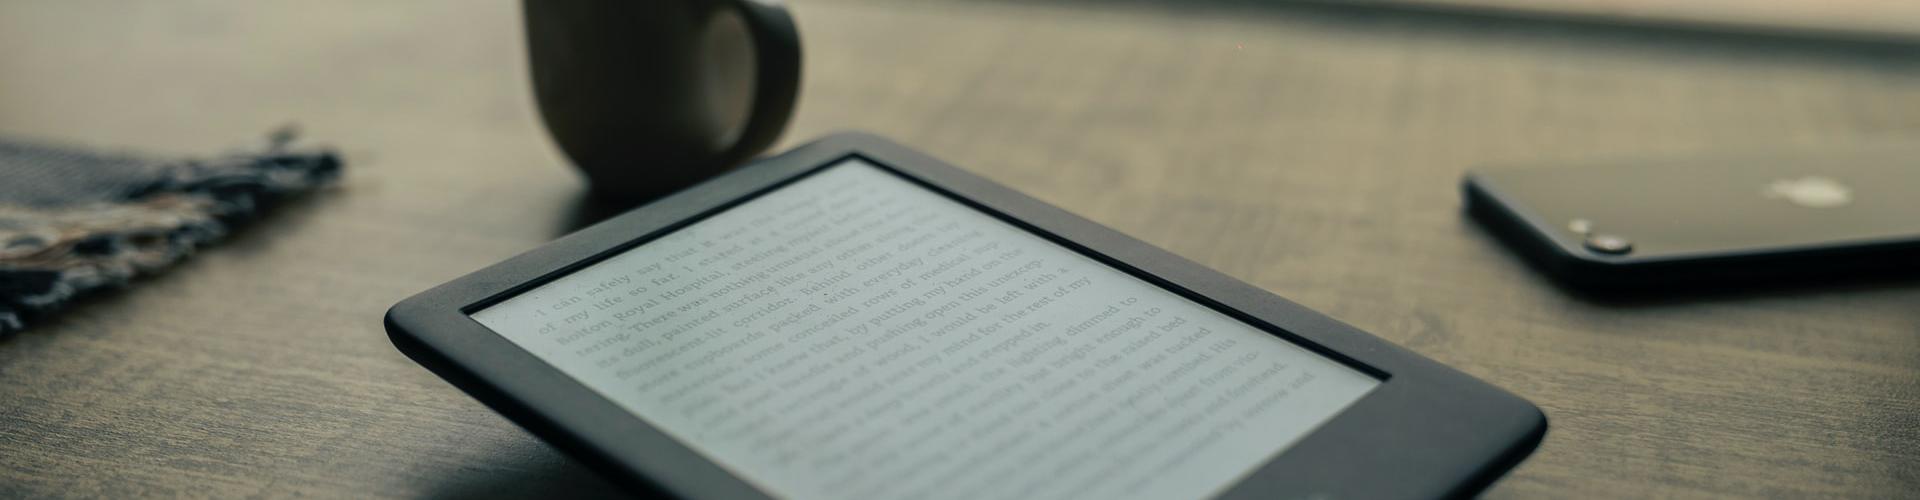 Digitaal lezen ebook op ereader